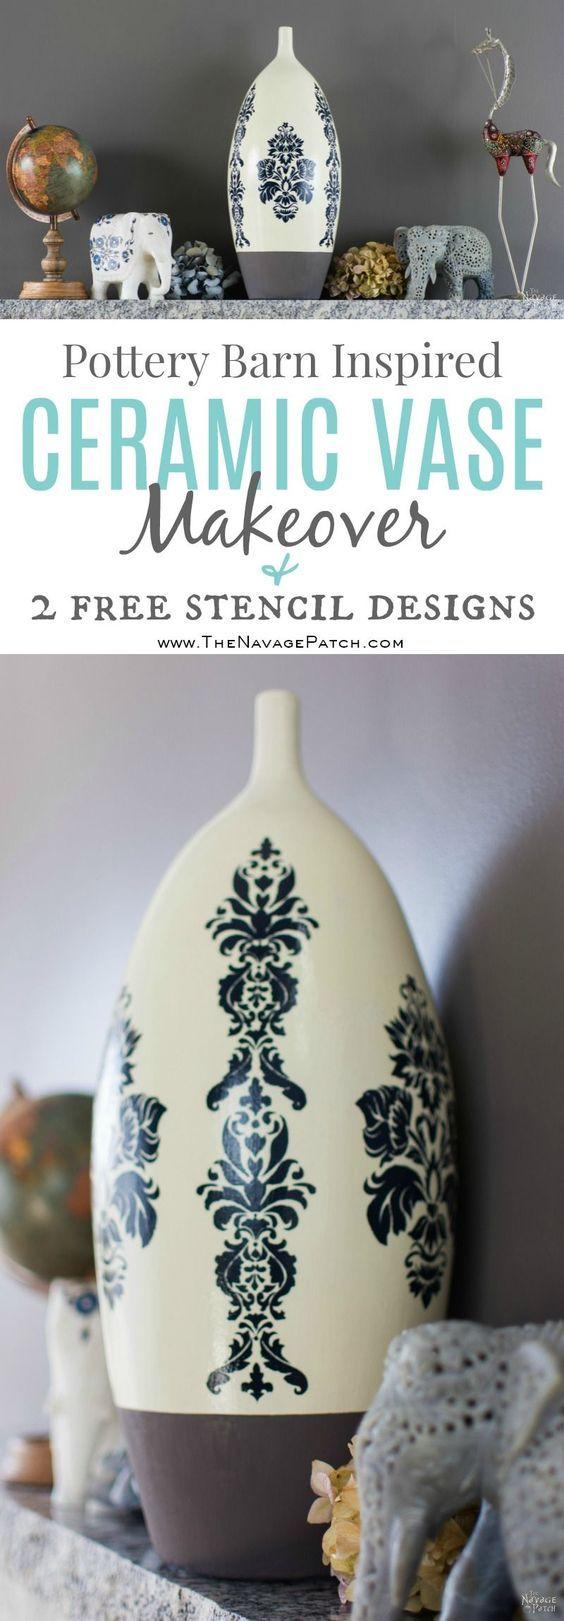 76 besten Free Printables - The Navage Patch Bilder auf Pinterest